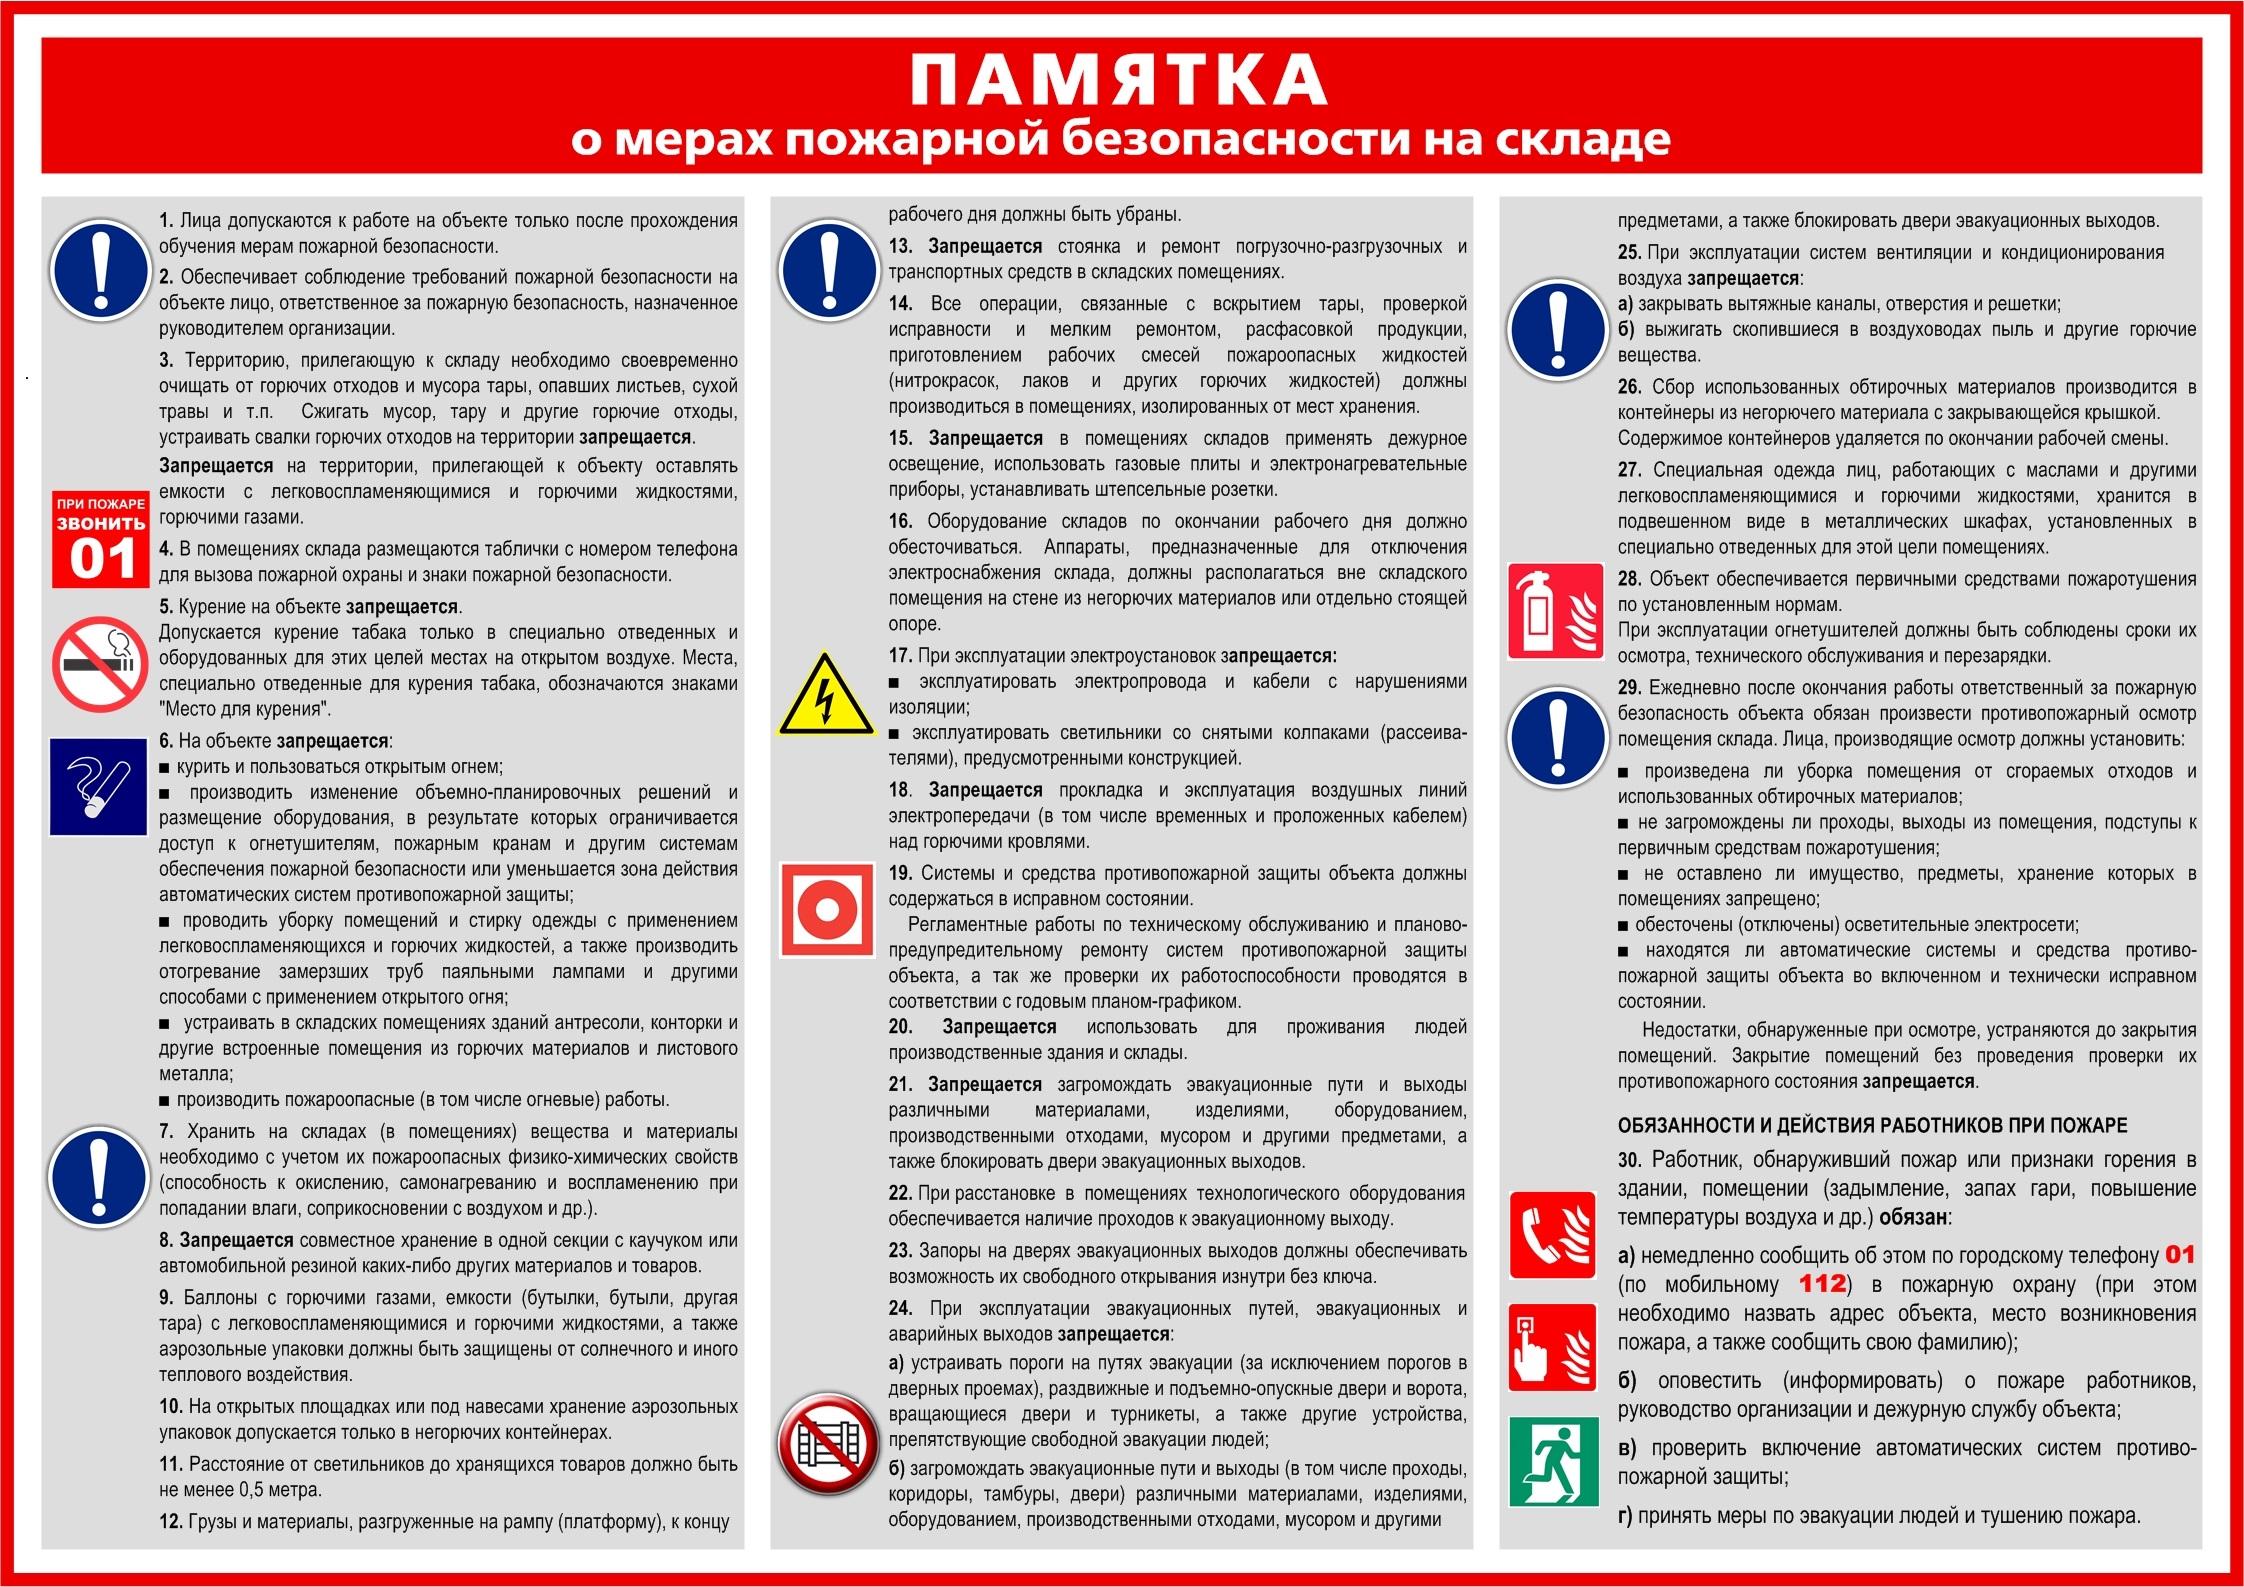 На схеме представлен перечень требования по пожарной безопасности, которые нужно соблюдать при эксплуатации склада.